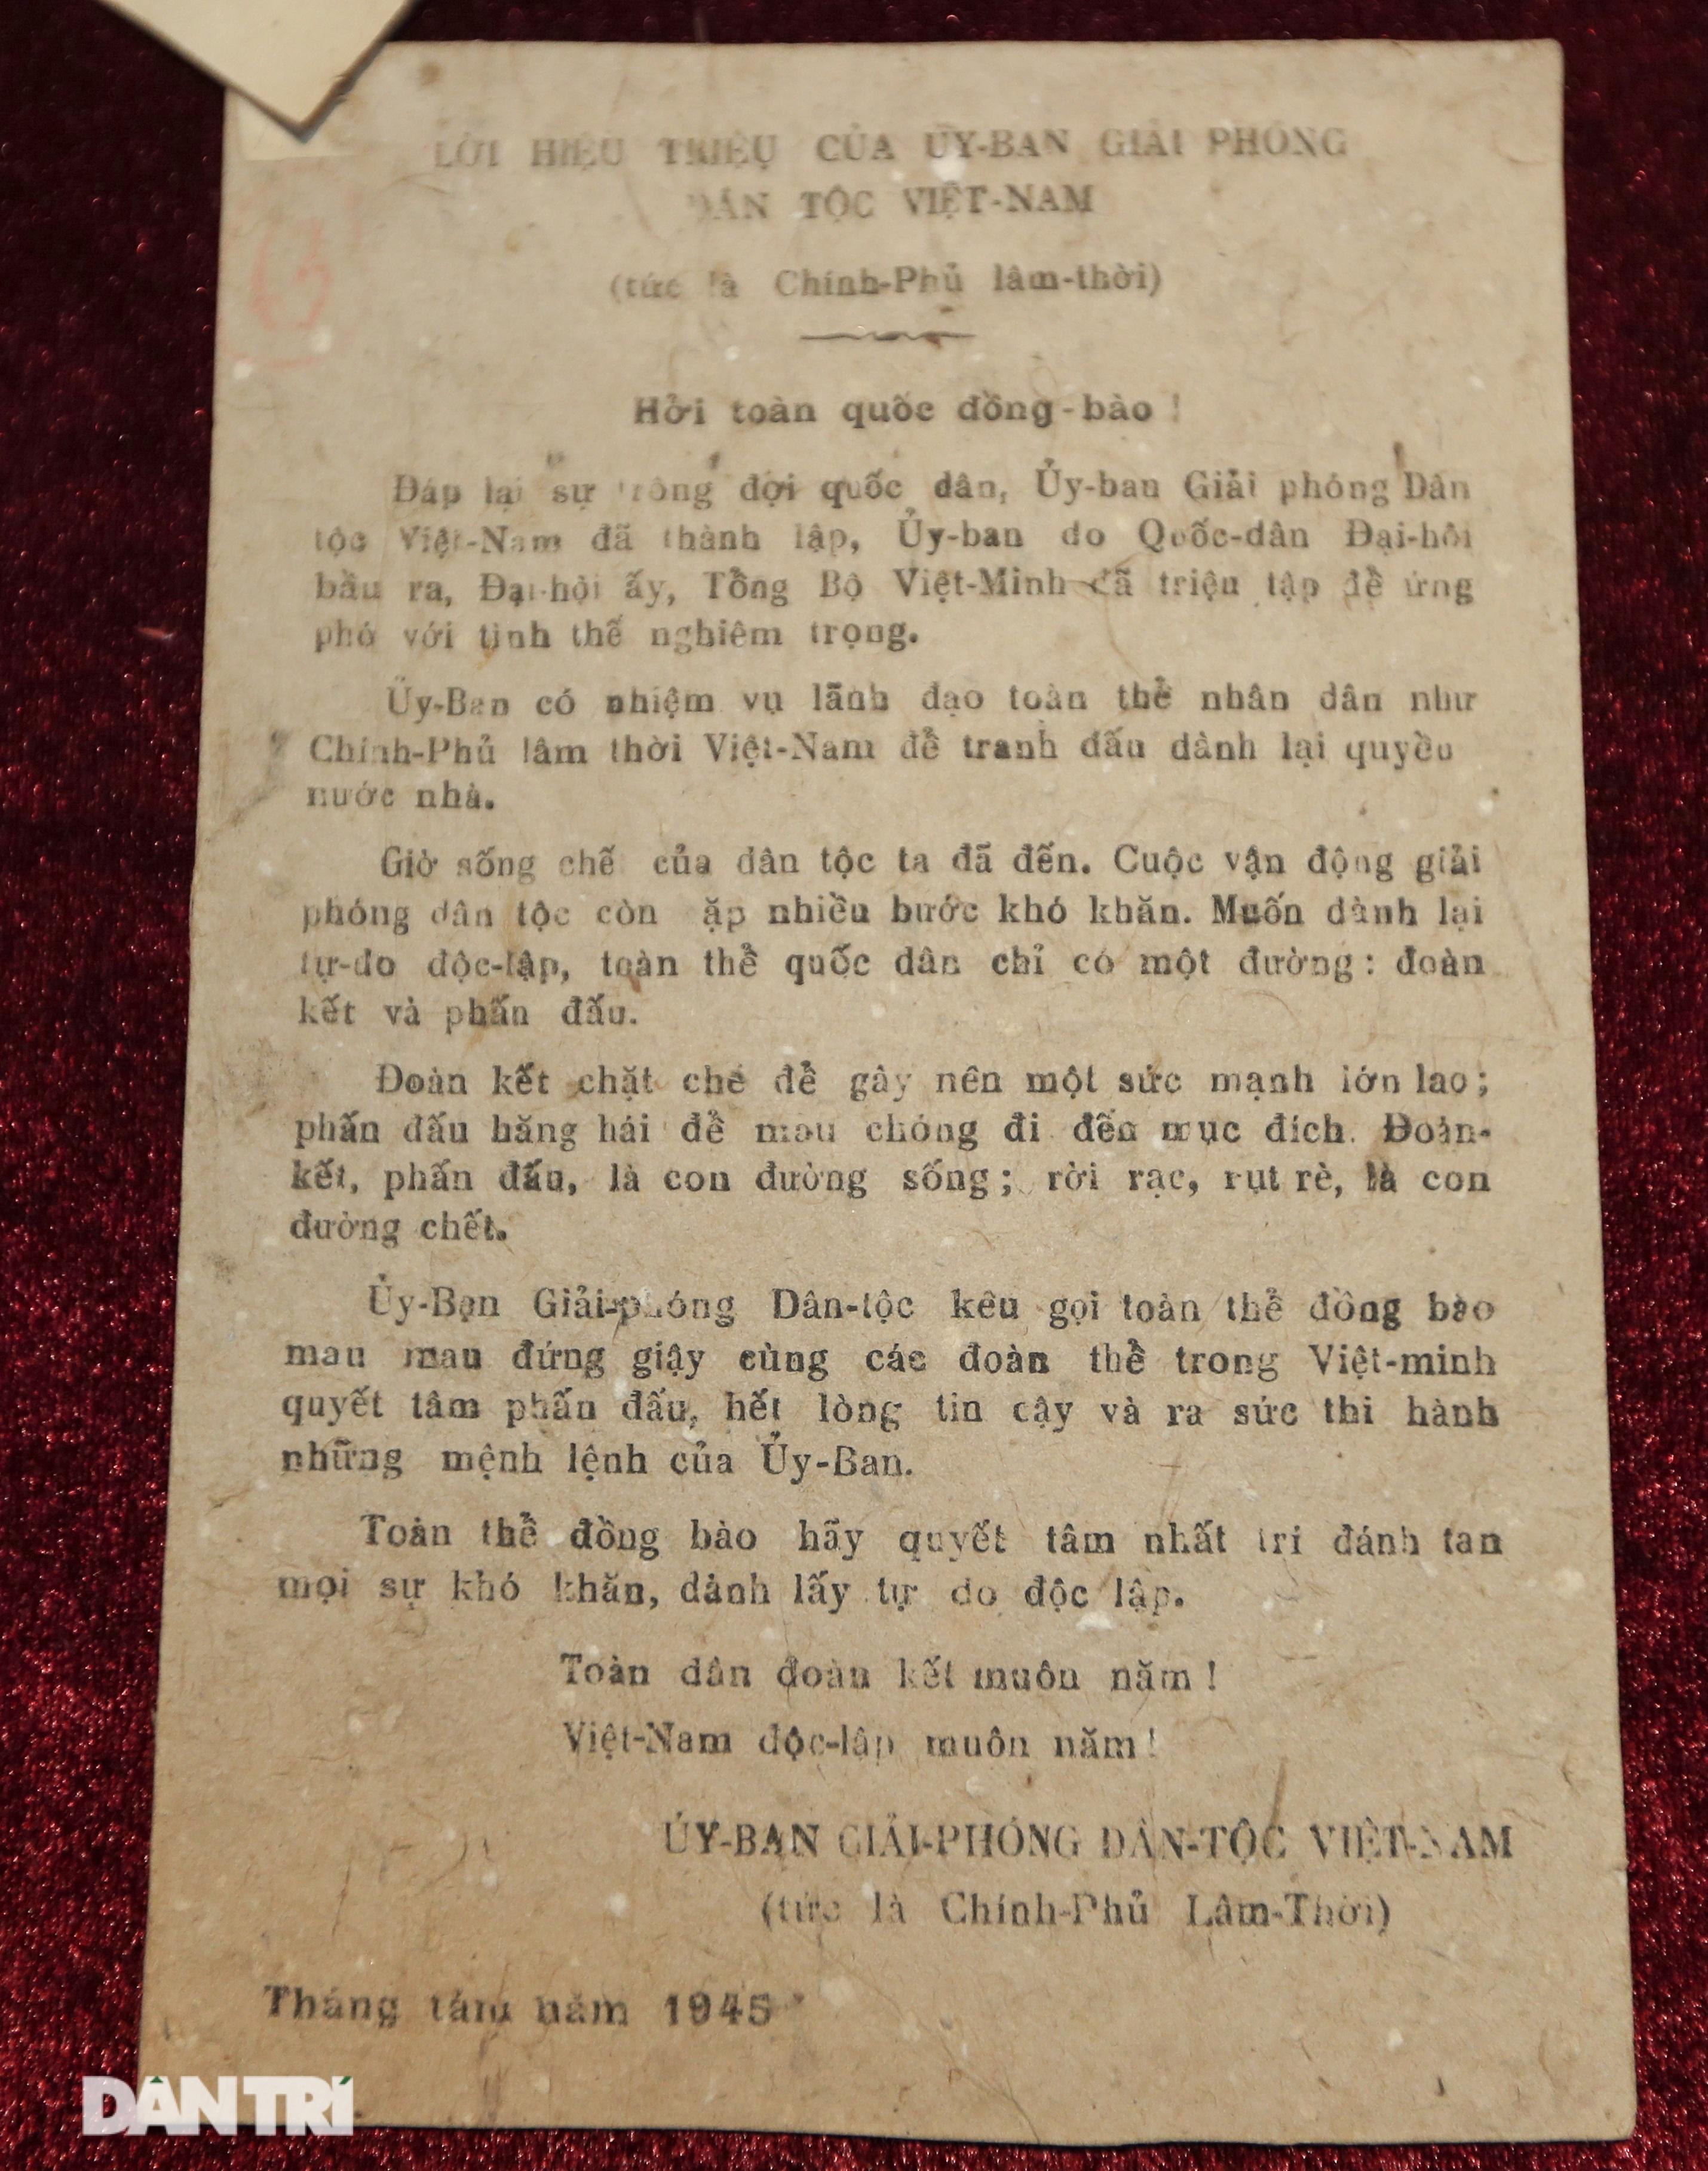 Kỷ vật ghi lời hiệu triệu hào hùng của Bác Hồ ngày Tổng khởi nghĩa - 6